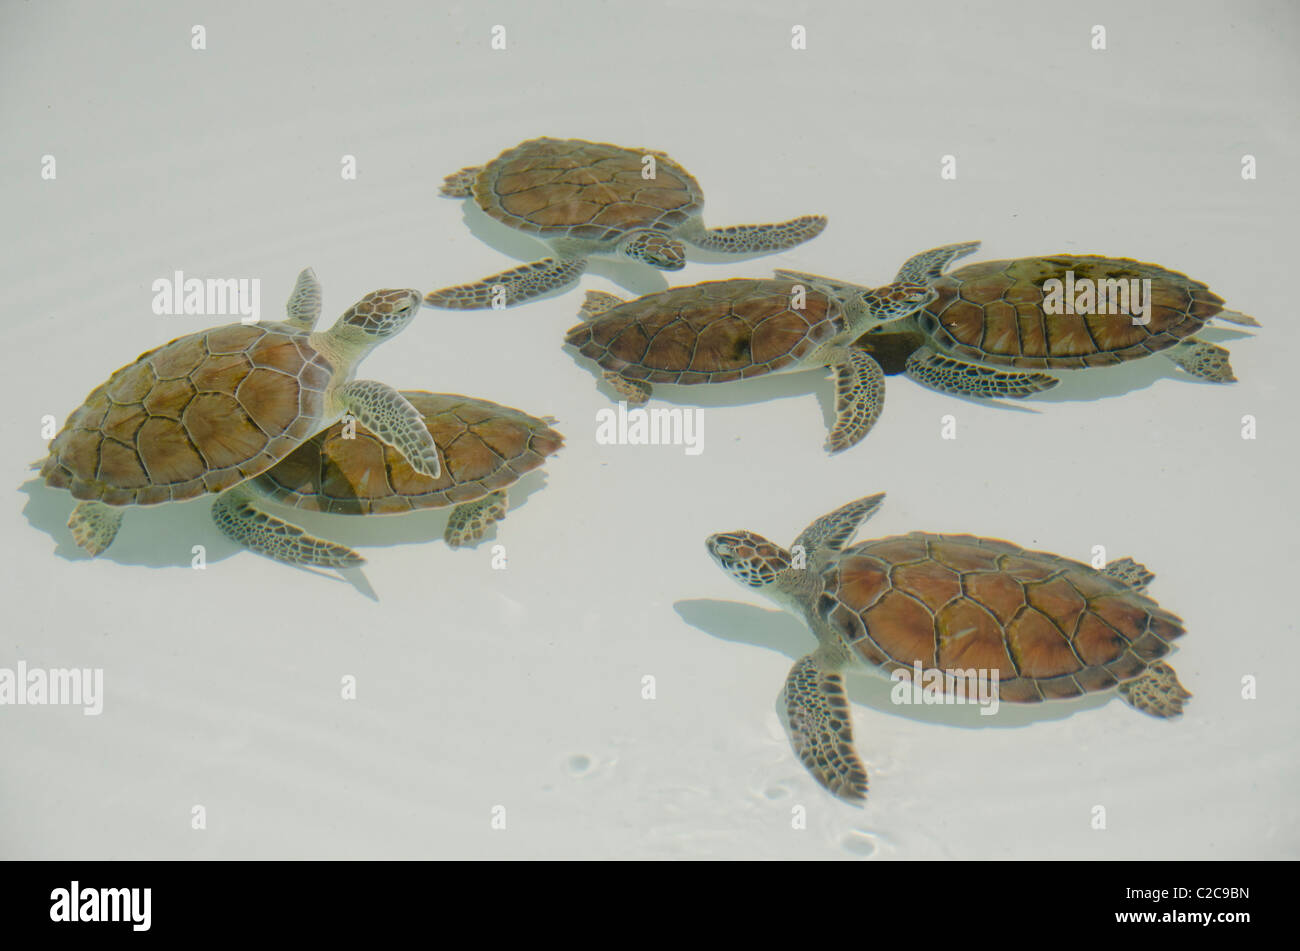 Schön Süsse Meeresschildkröte Färbung Seite Ideen - Beispiel ...